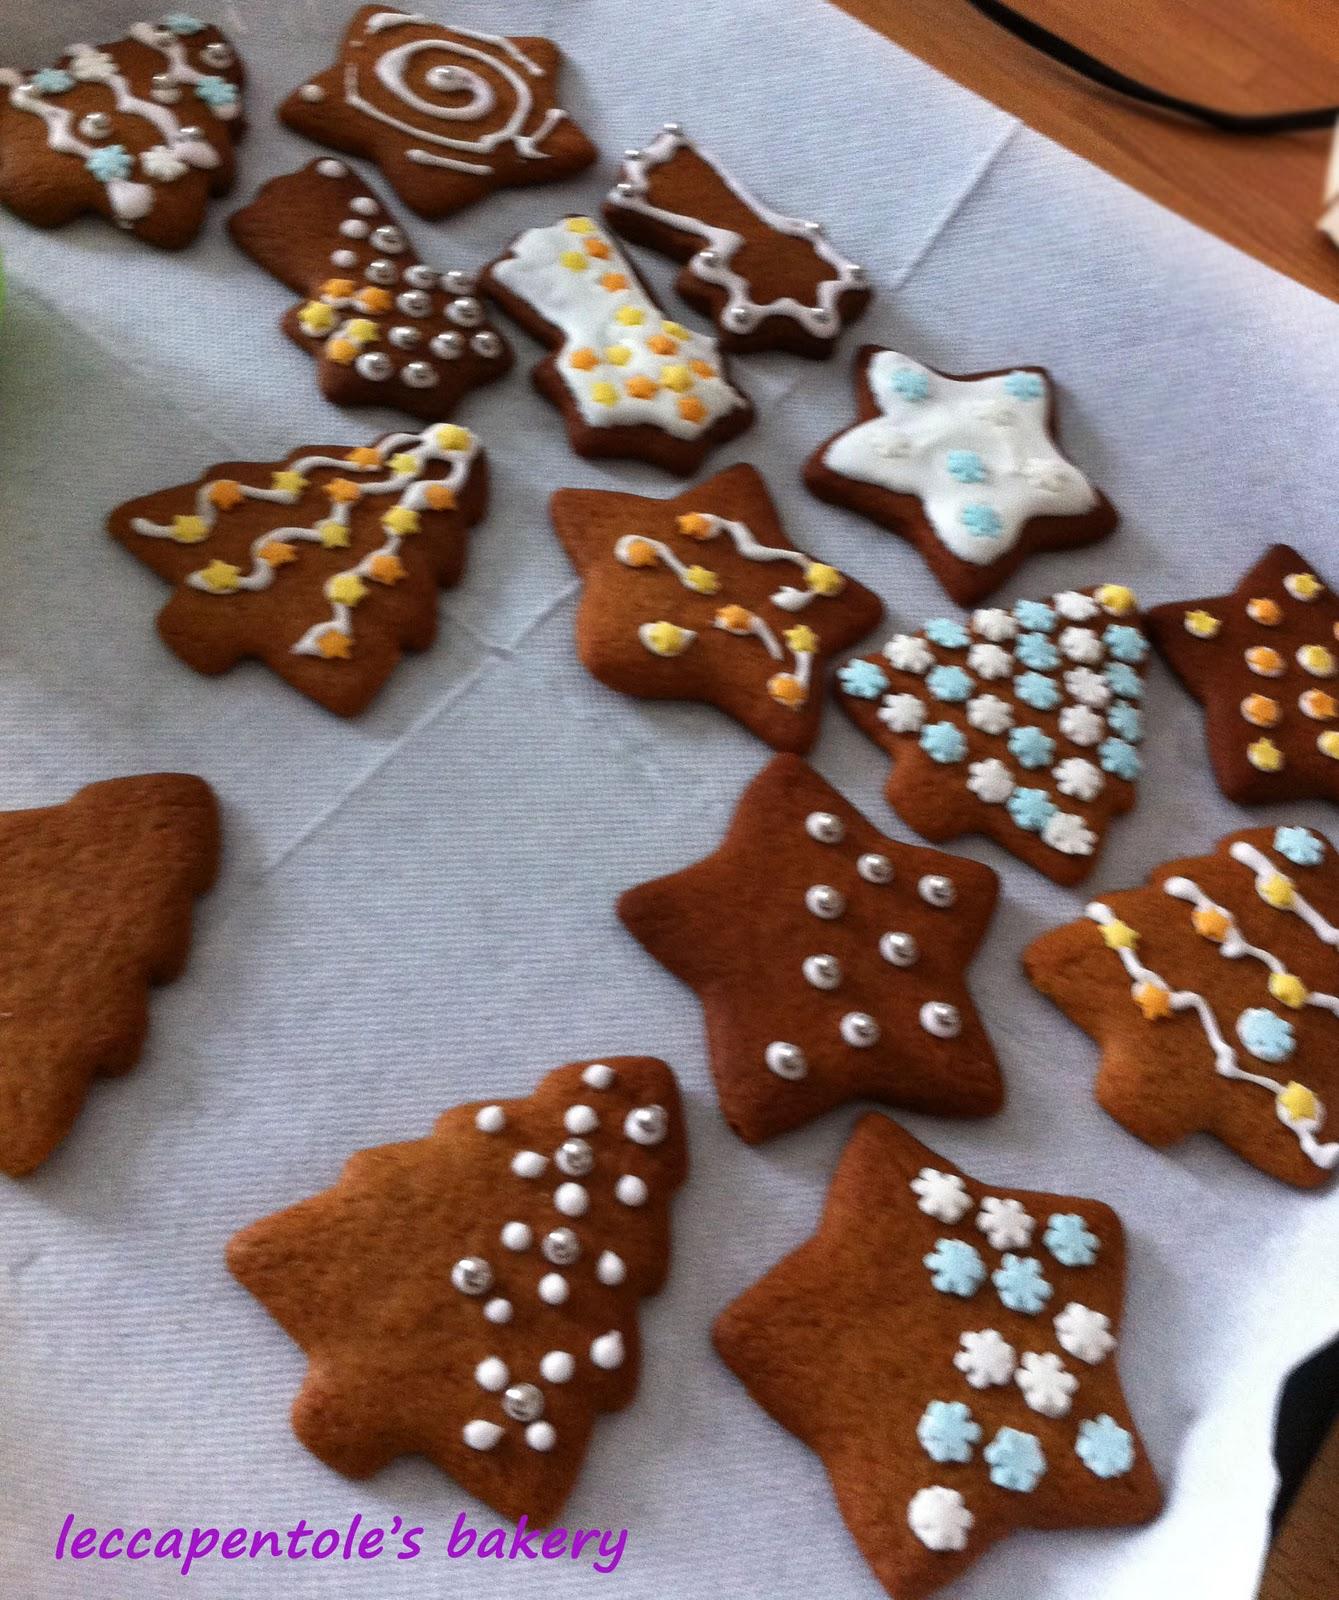 Giallo Zafferano Biscotti Di Natale.Leccapentole S Bakery Rieccomi Biscottini Pan Di Zenzero